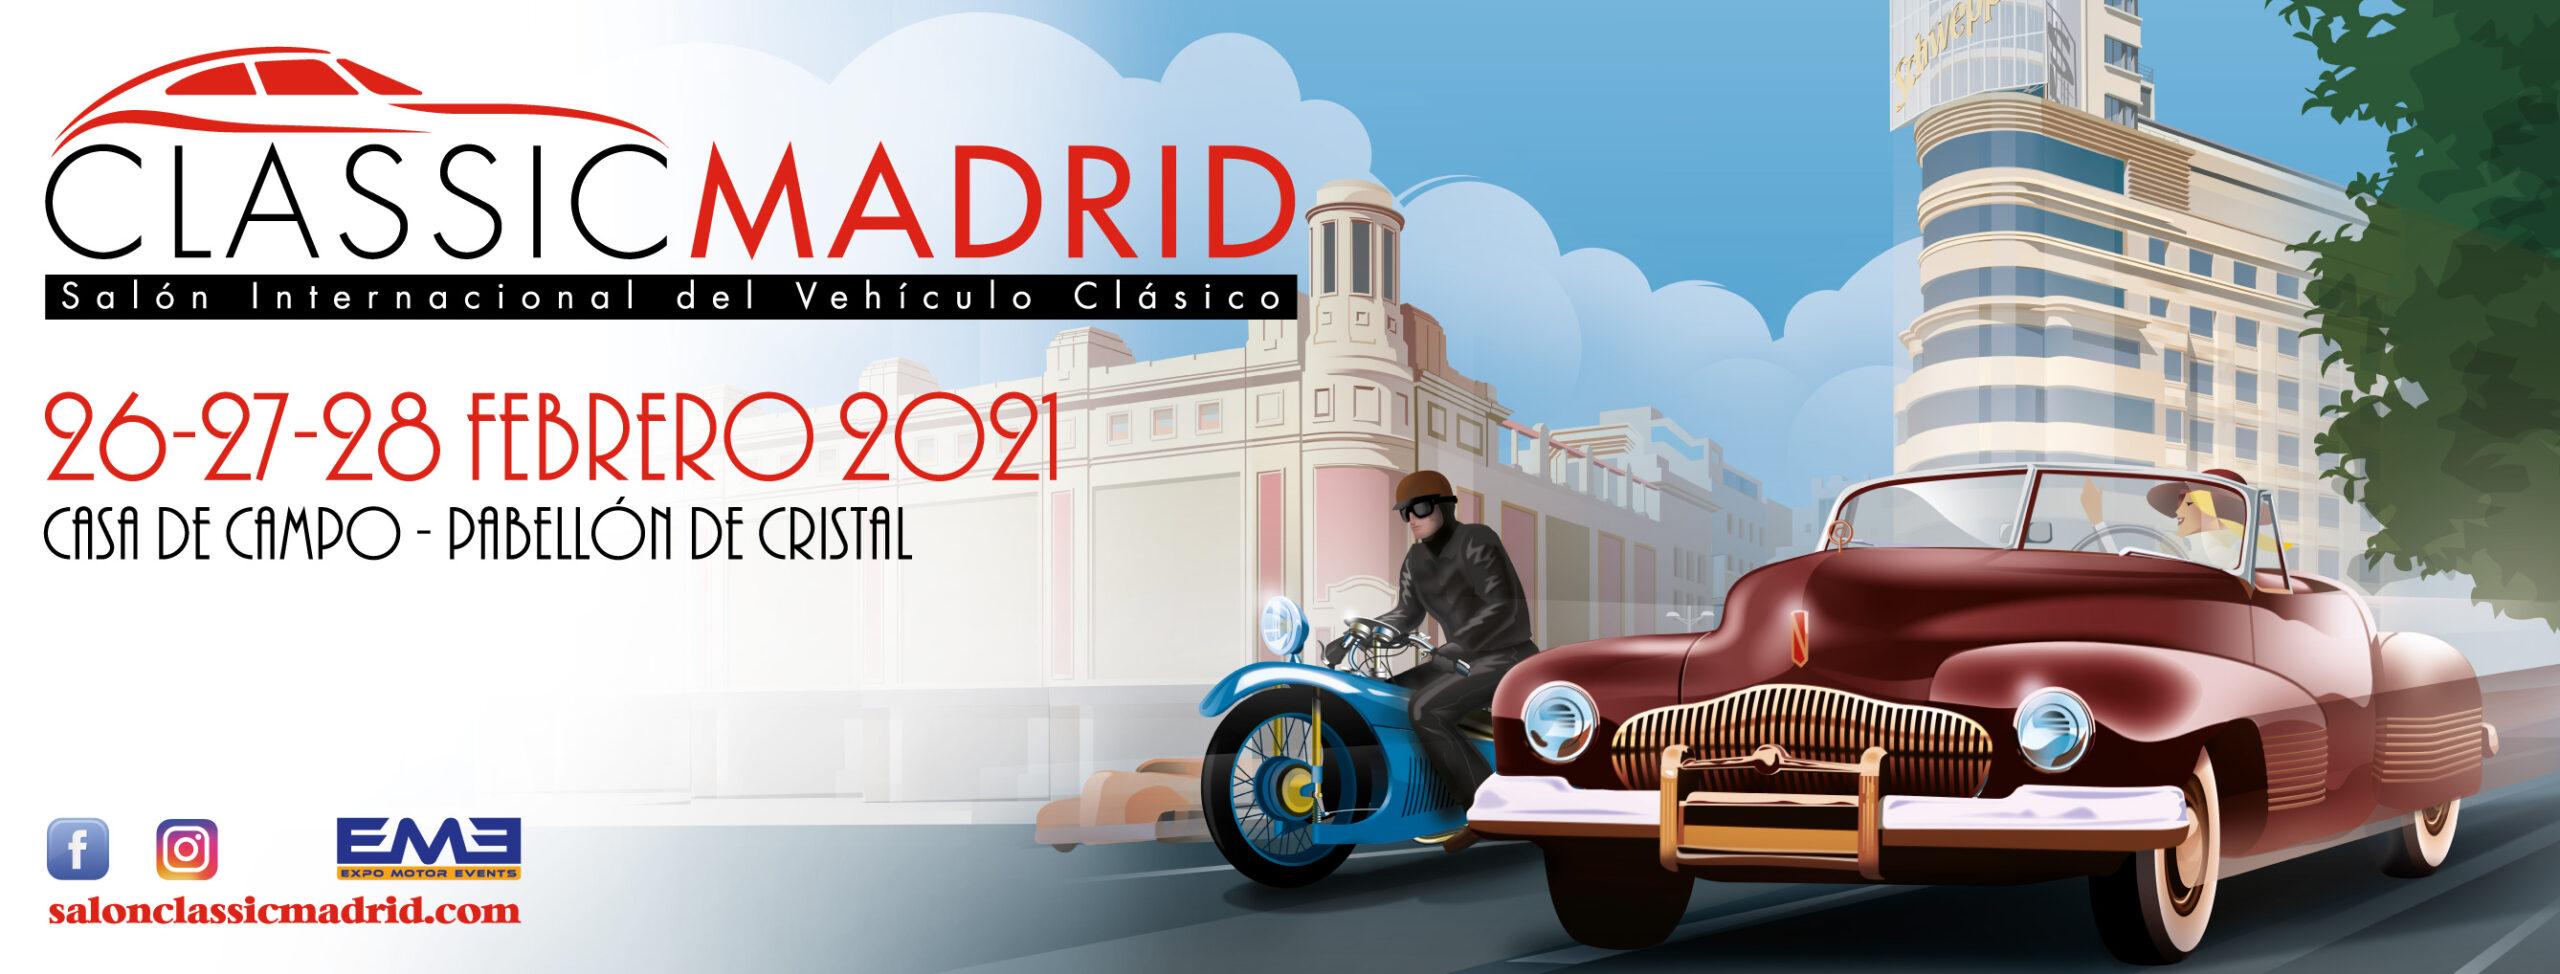 Classic Madrid – Salón Internacional del vehículo clásico